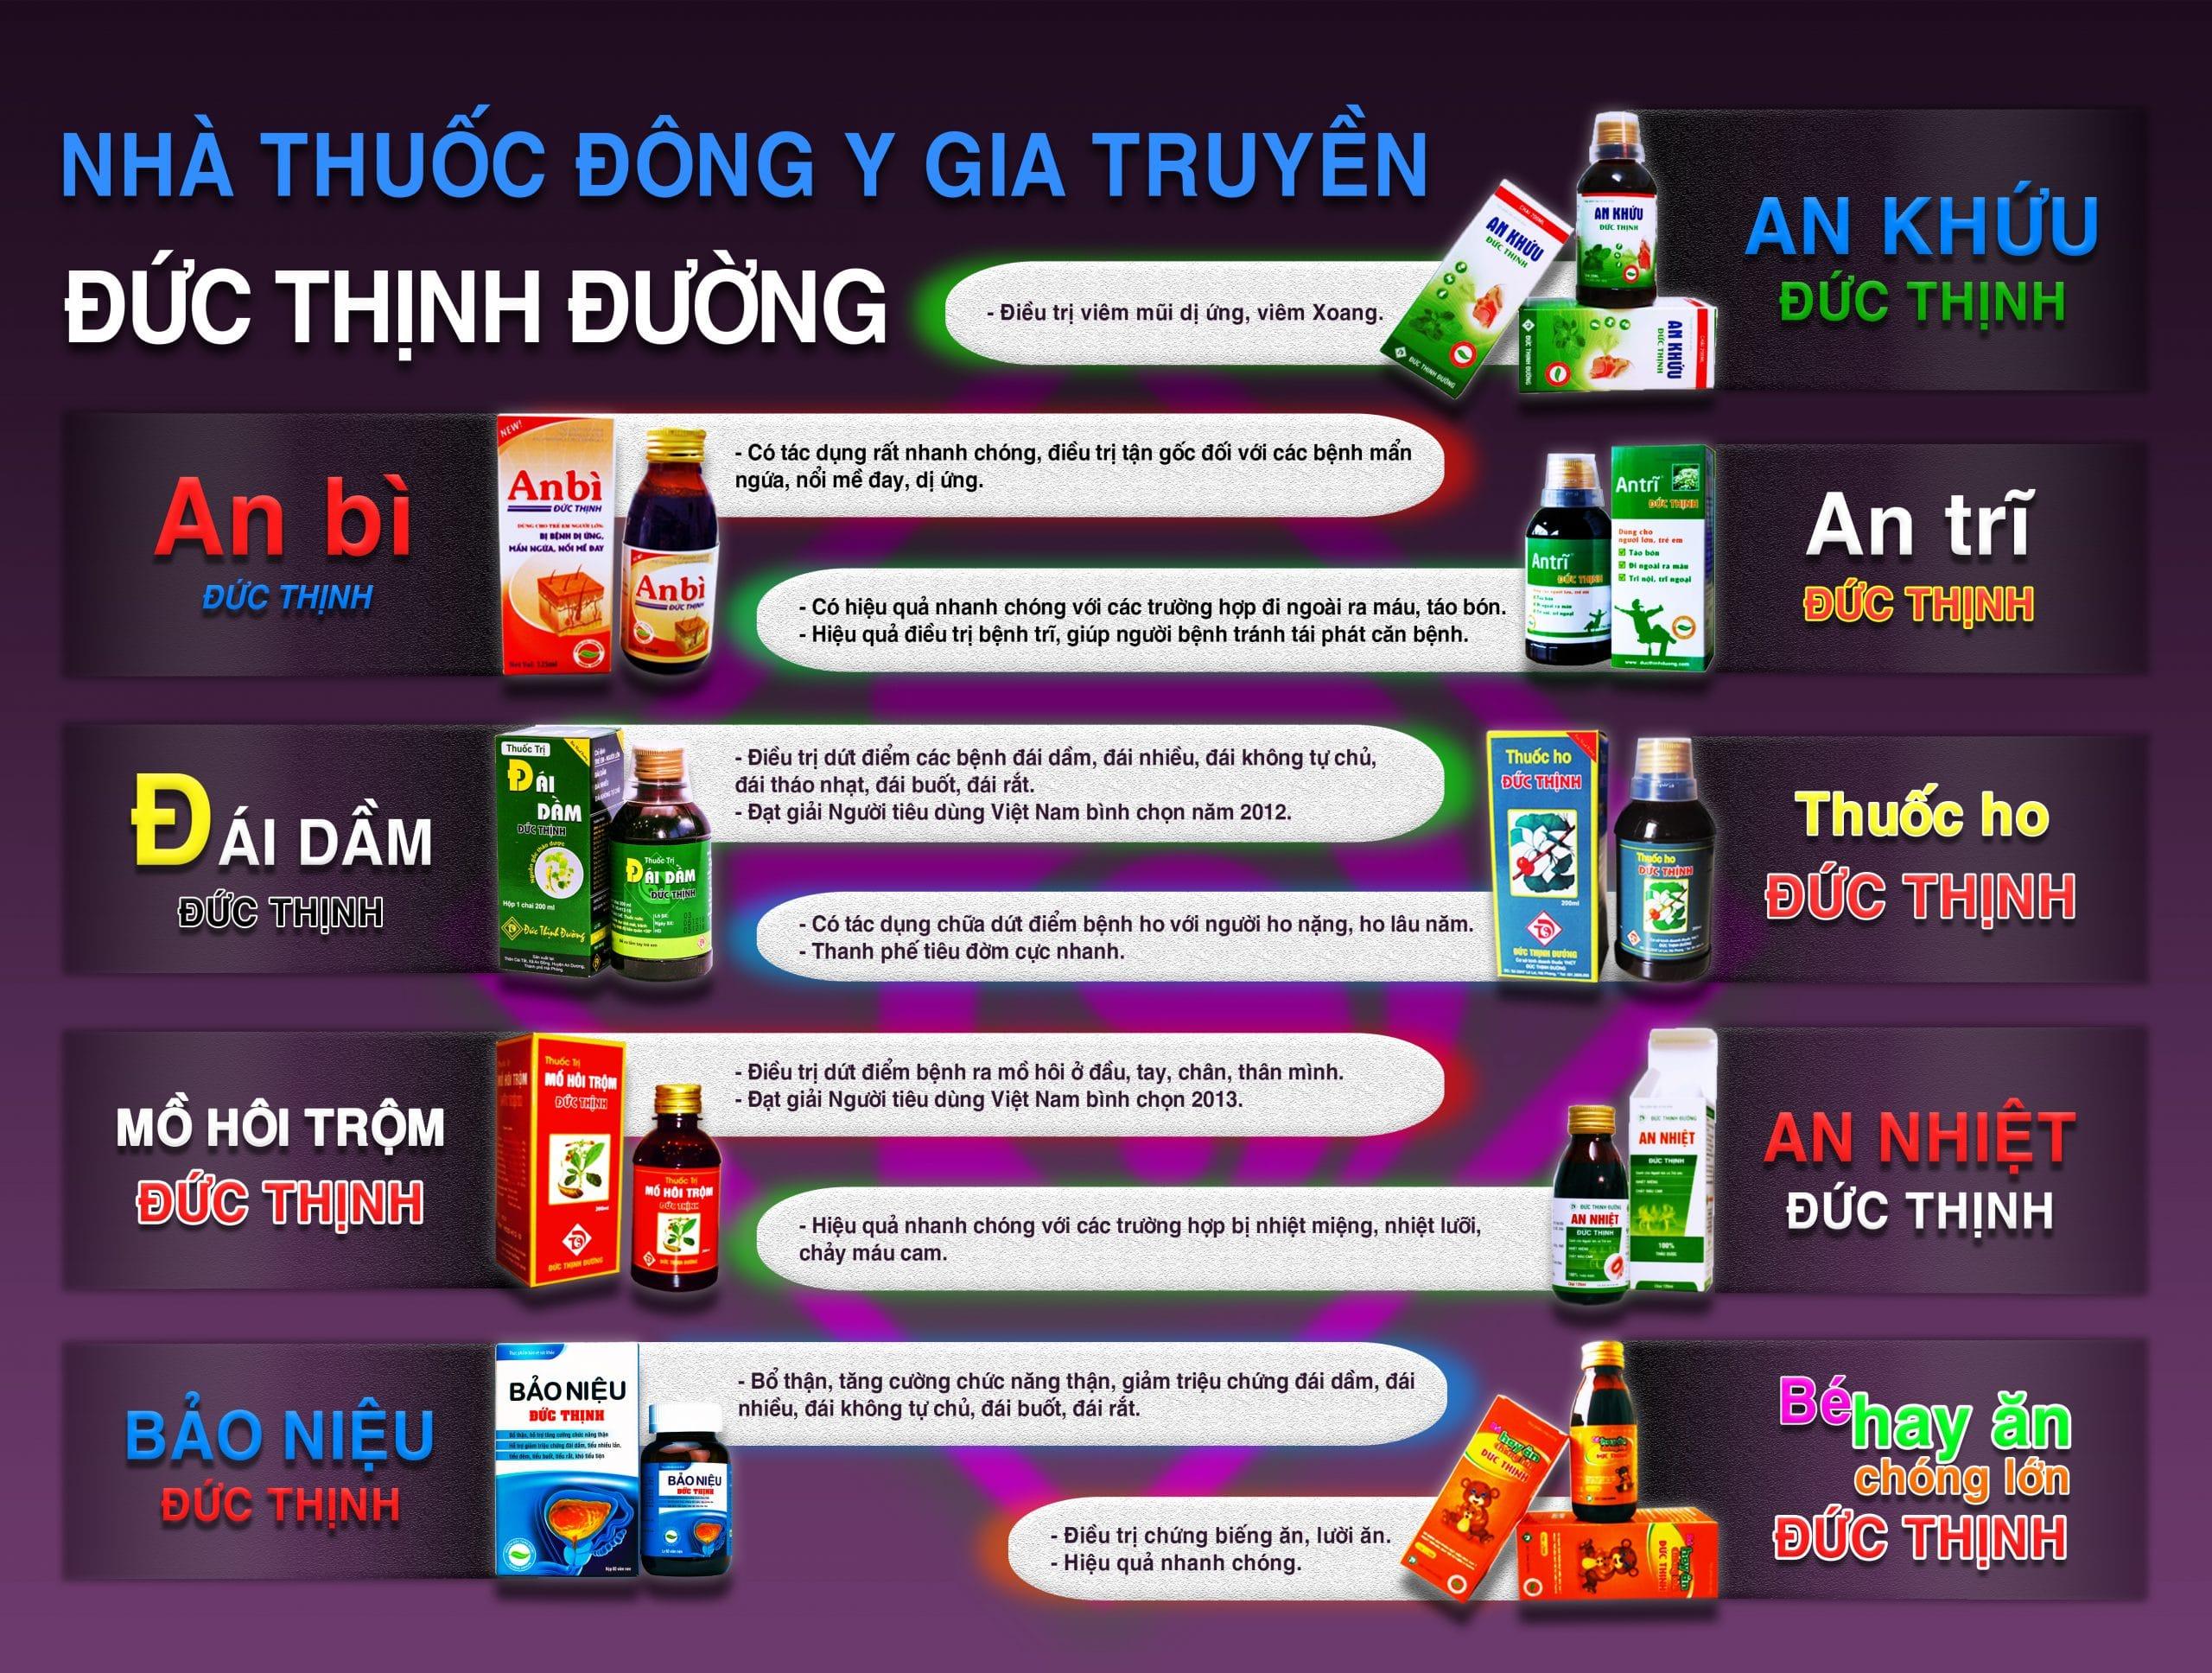 san pham nha thuoc dong y gia truyen duc thinh duong 1 scaled - Trang chủ